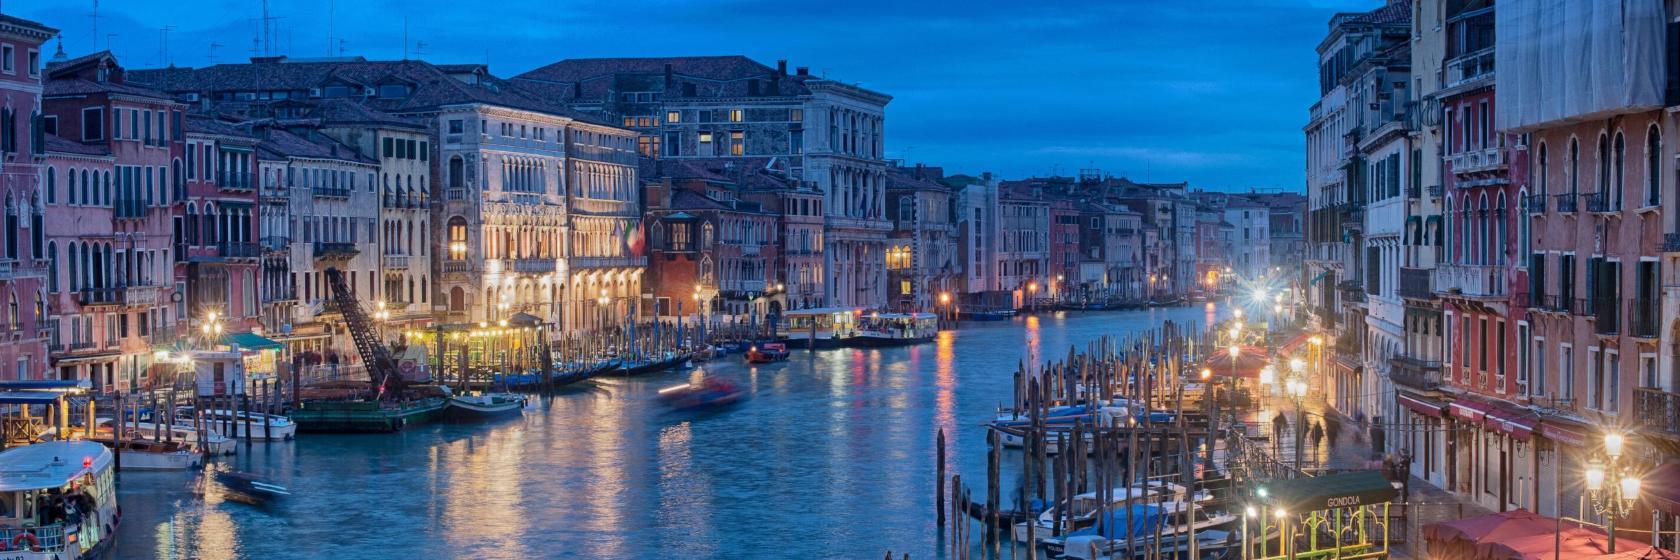 Venice, Italy Hotels